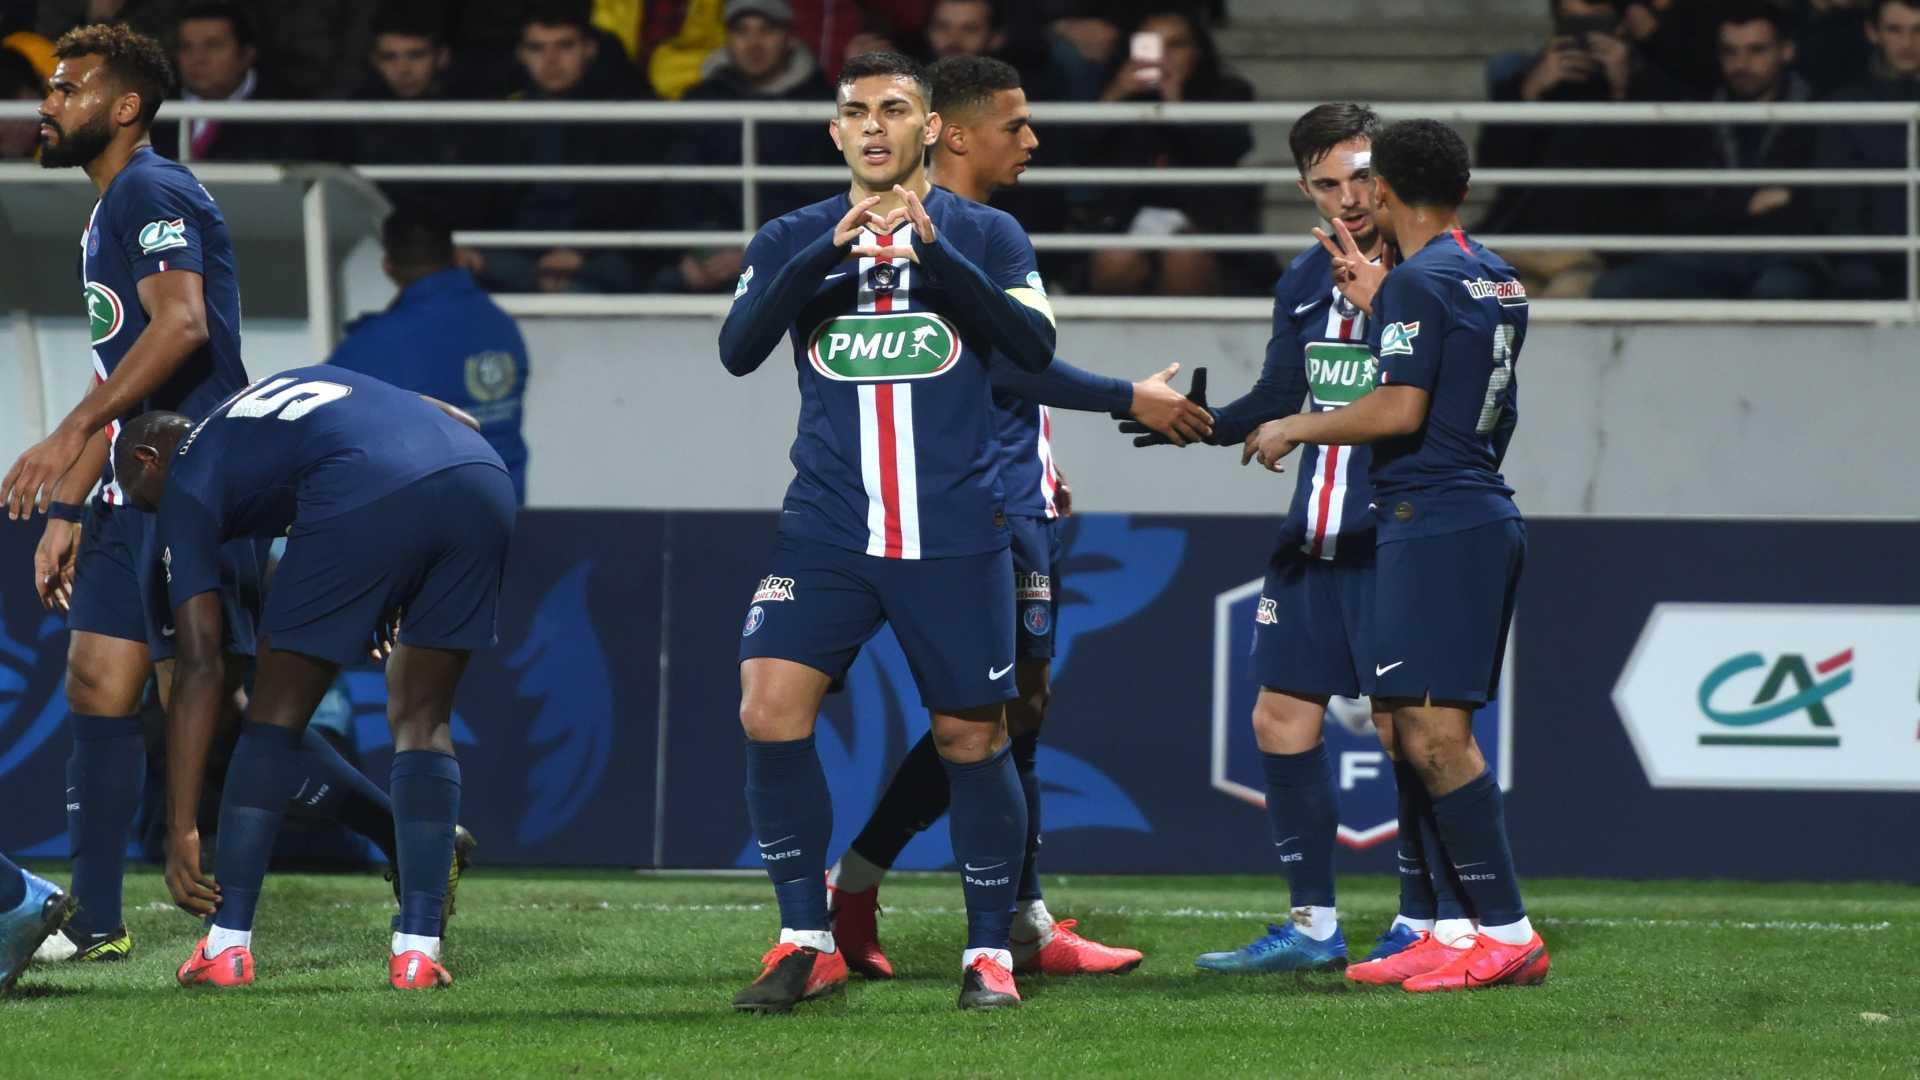 PSG : Neymar, un carton jaune pour des dribbles ?